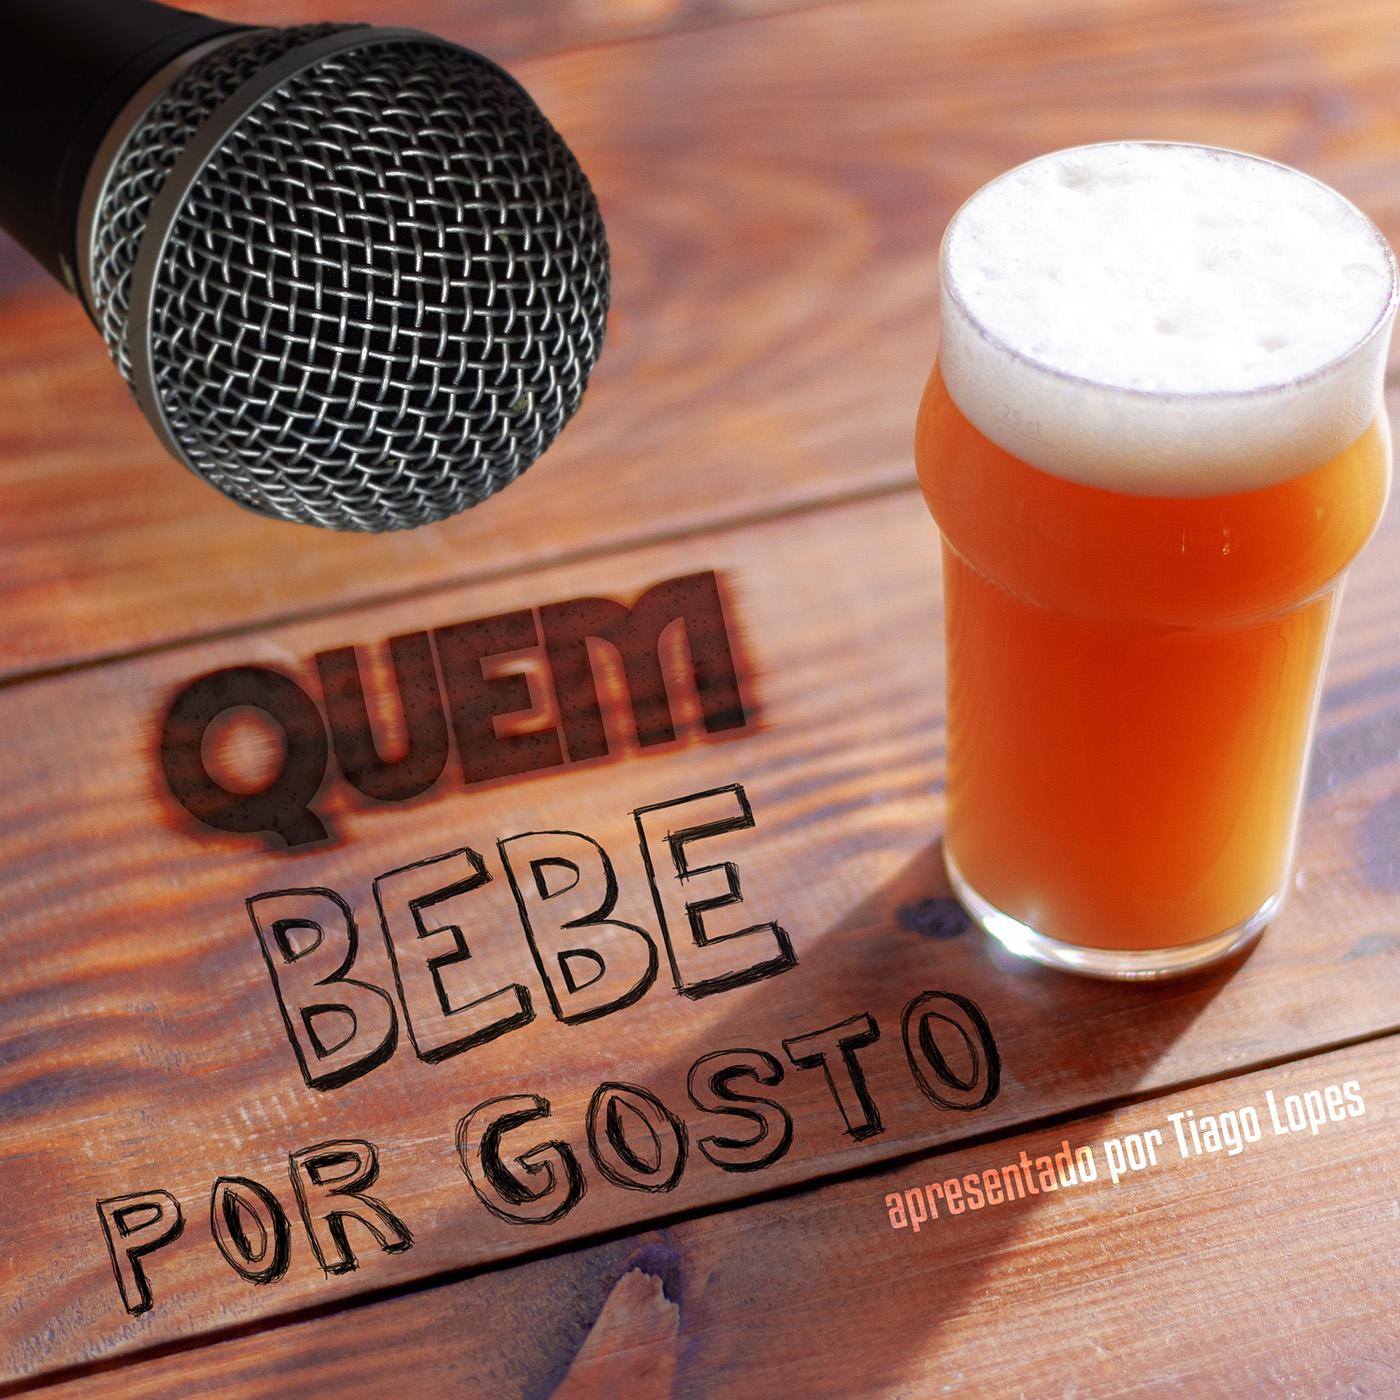 Quem bebe por gosto - Podcast